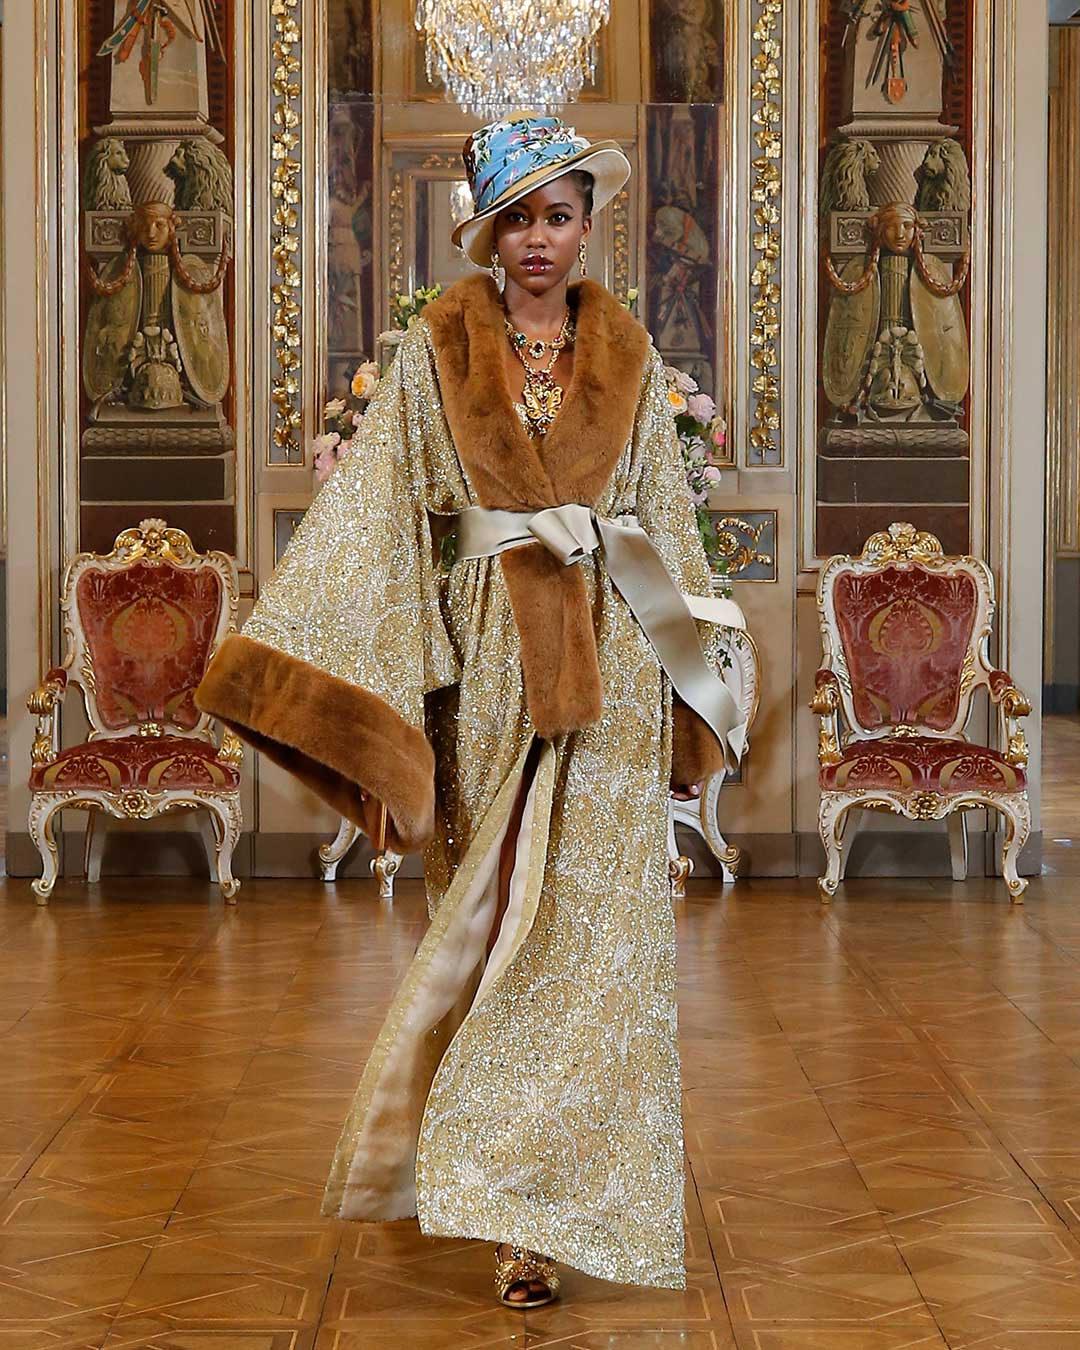 Платье с расклешёнными рукавами от Dolce & Gabbana модель 2022 года